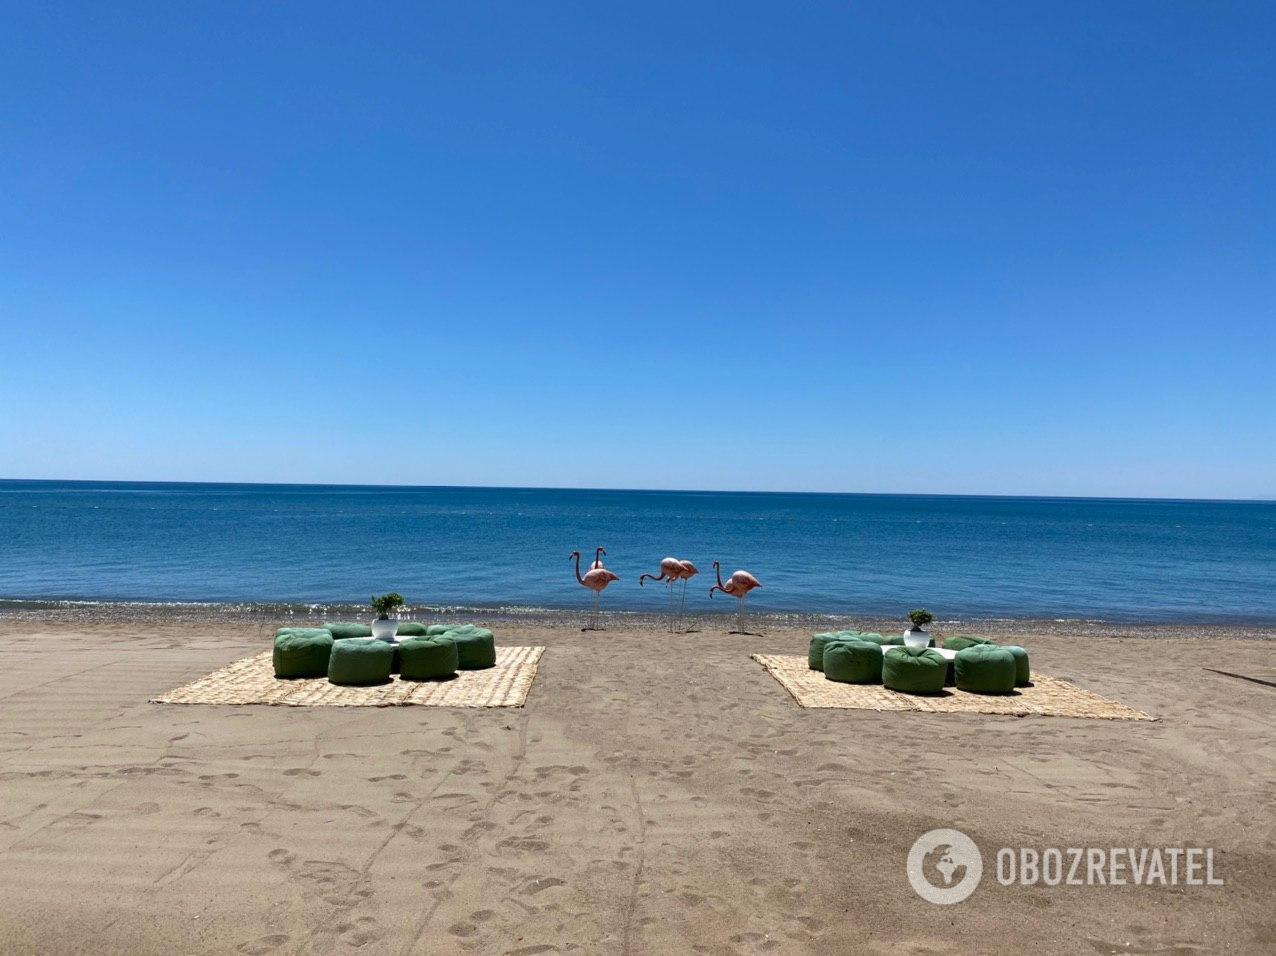 Відпочинок у Туреччині – можливий: реалії відпустки в умовах коронавірусу